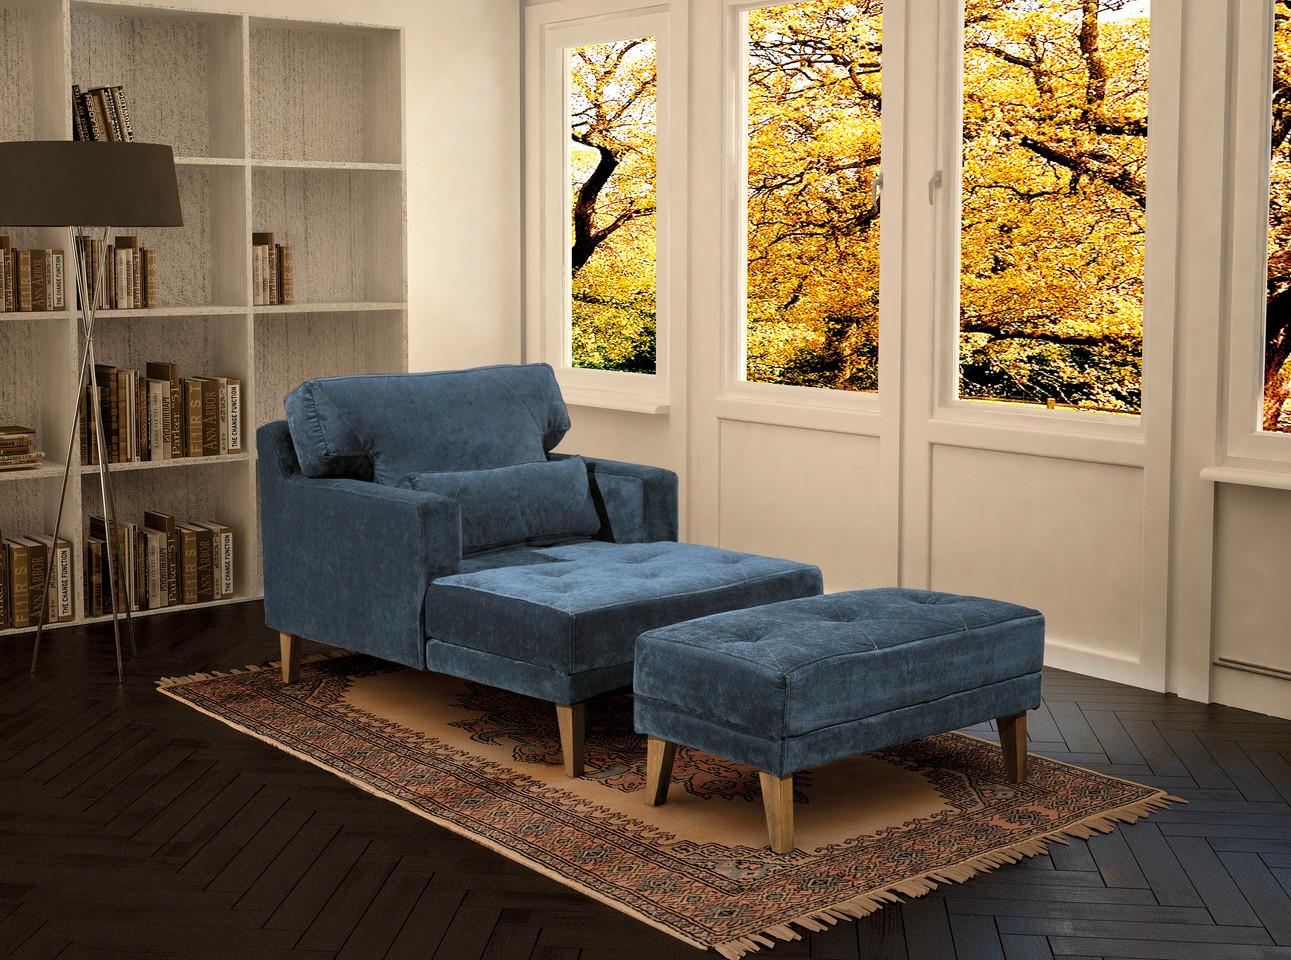 Cadeira joá 2.jpg